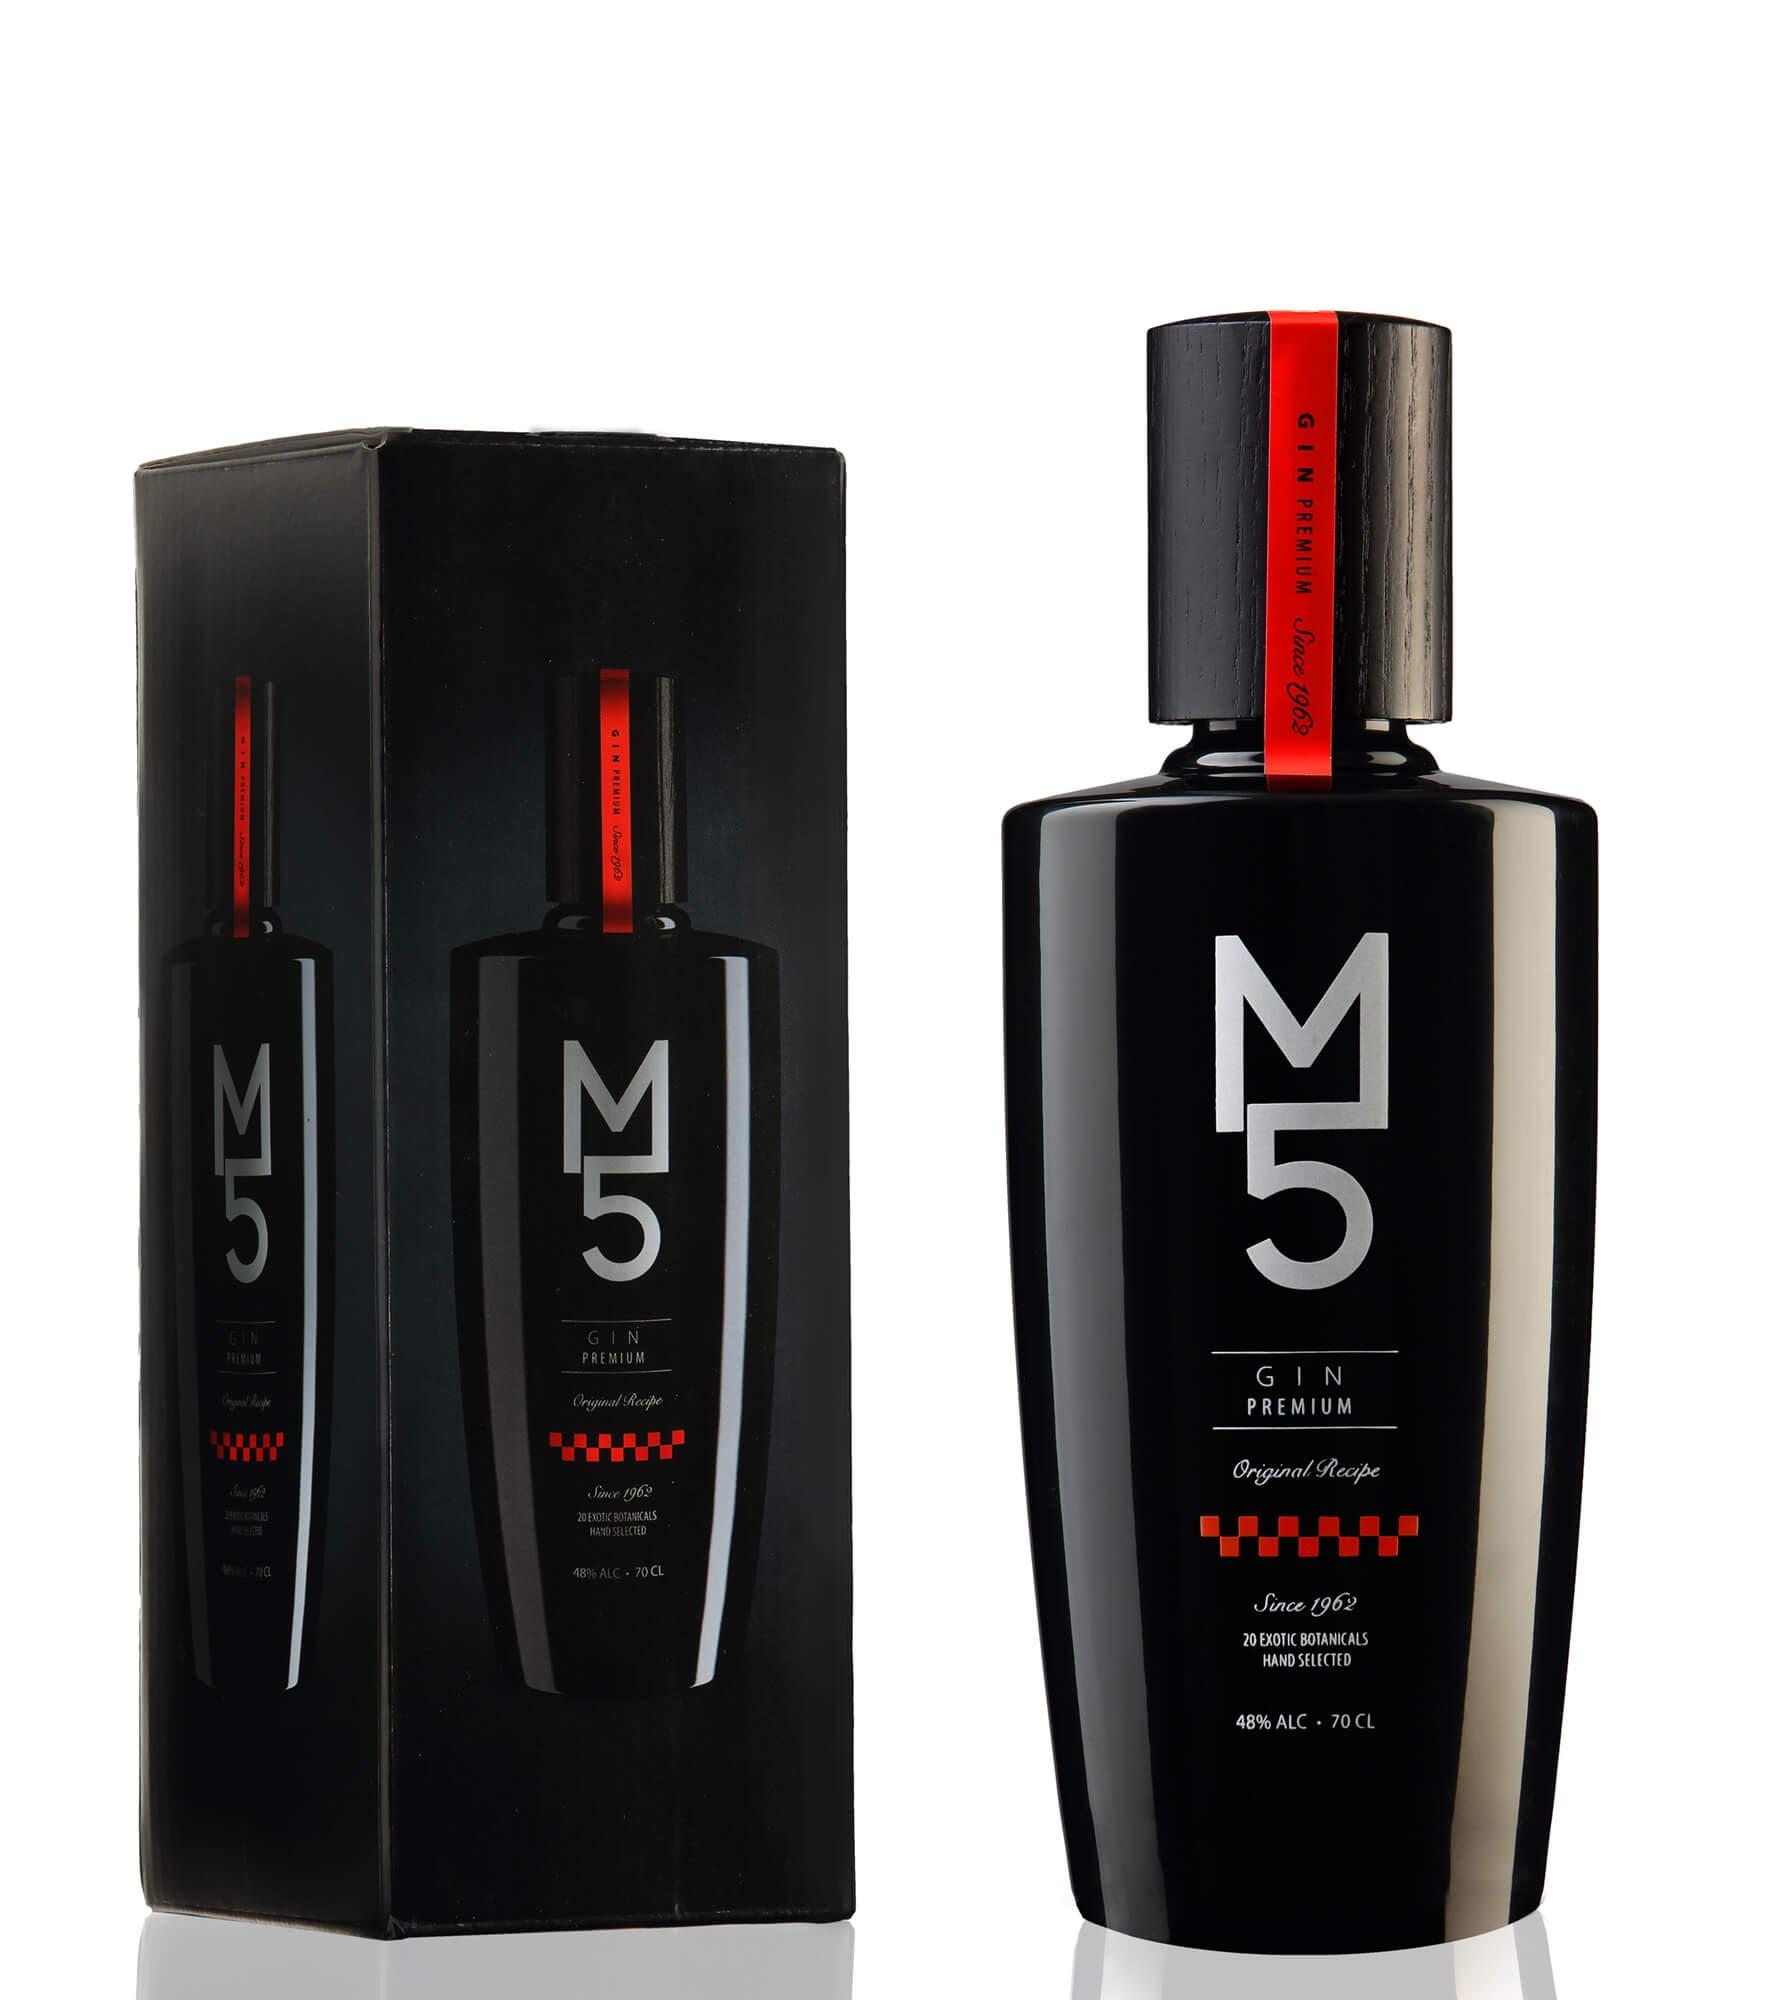 GIN M 5 PREMIUM